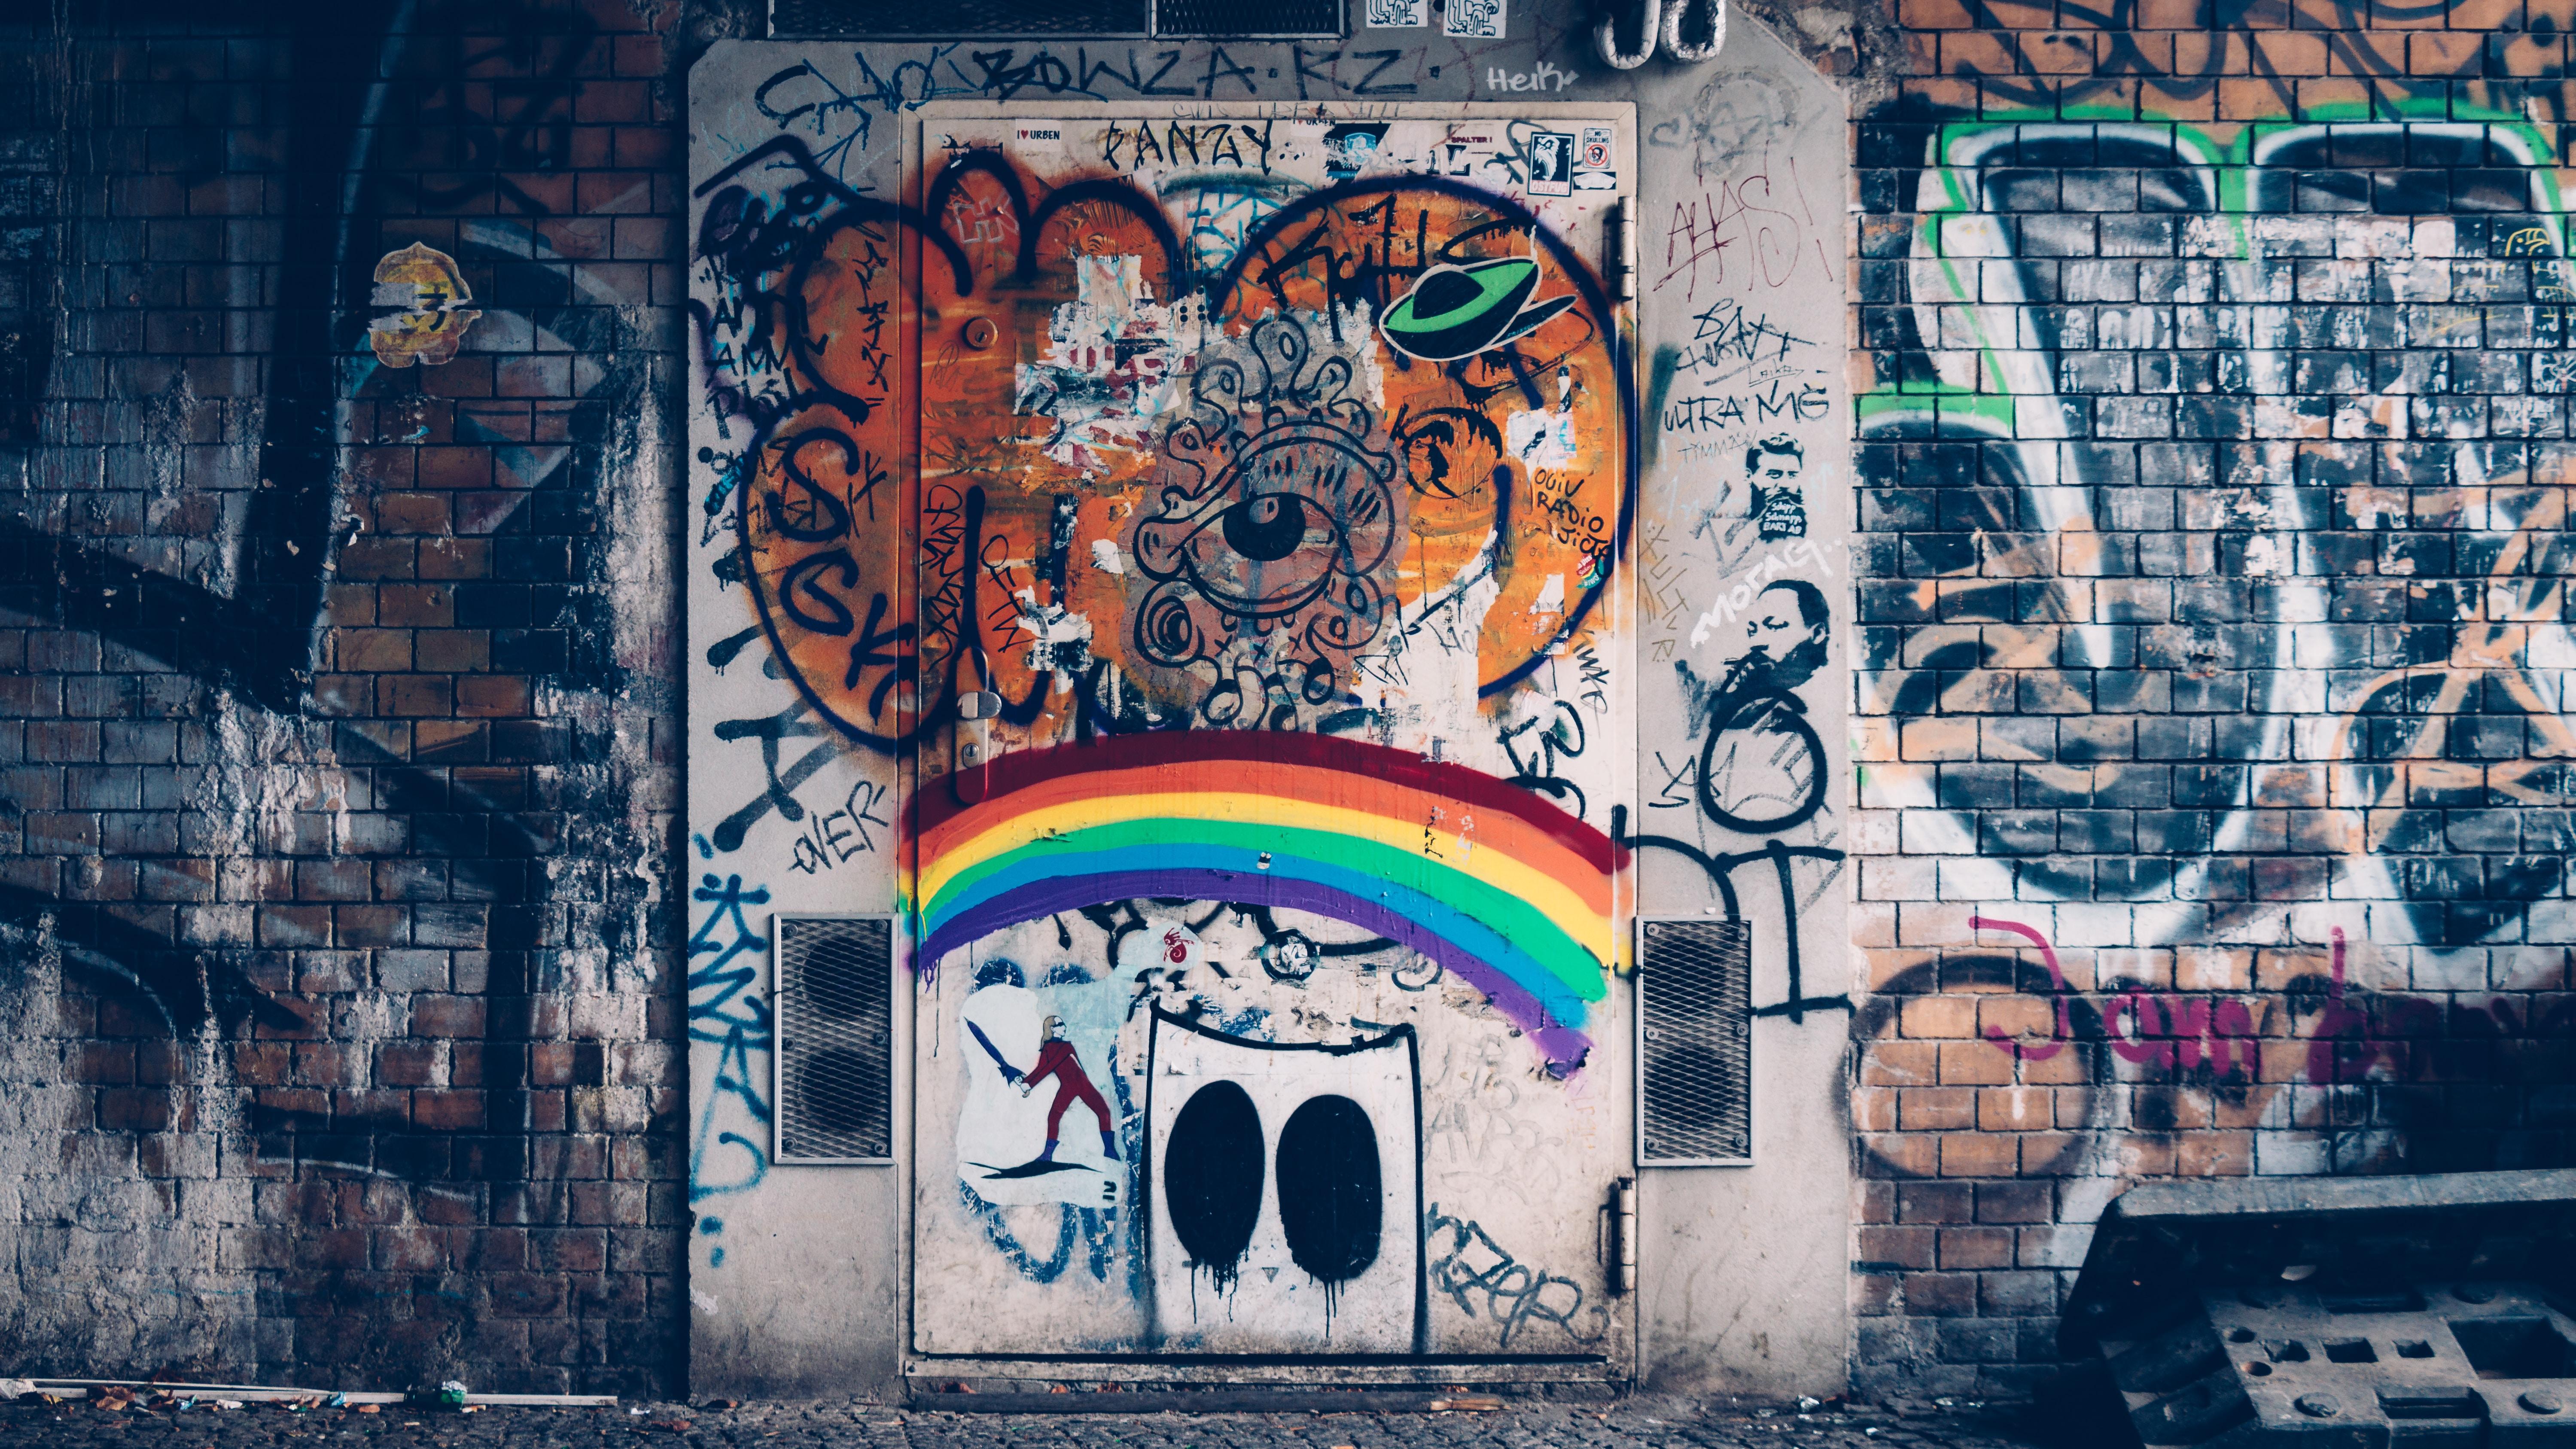 graffiti wall view